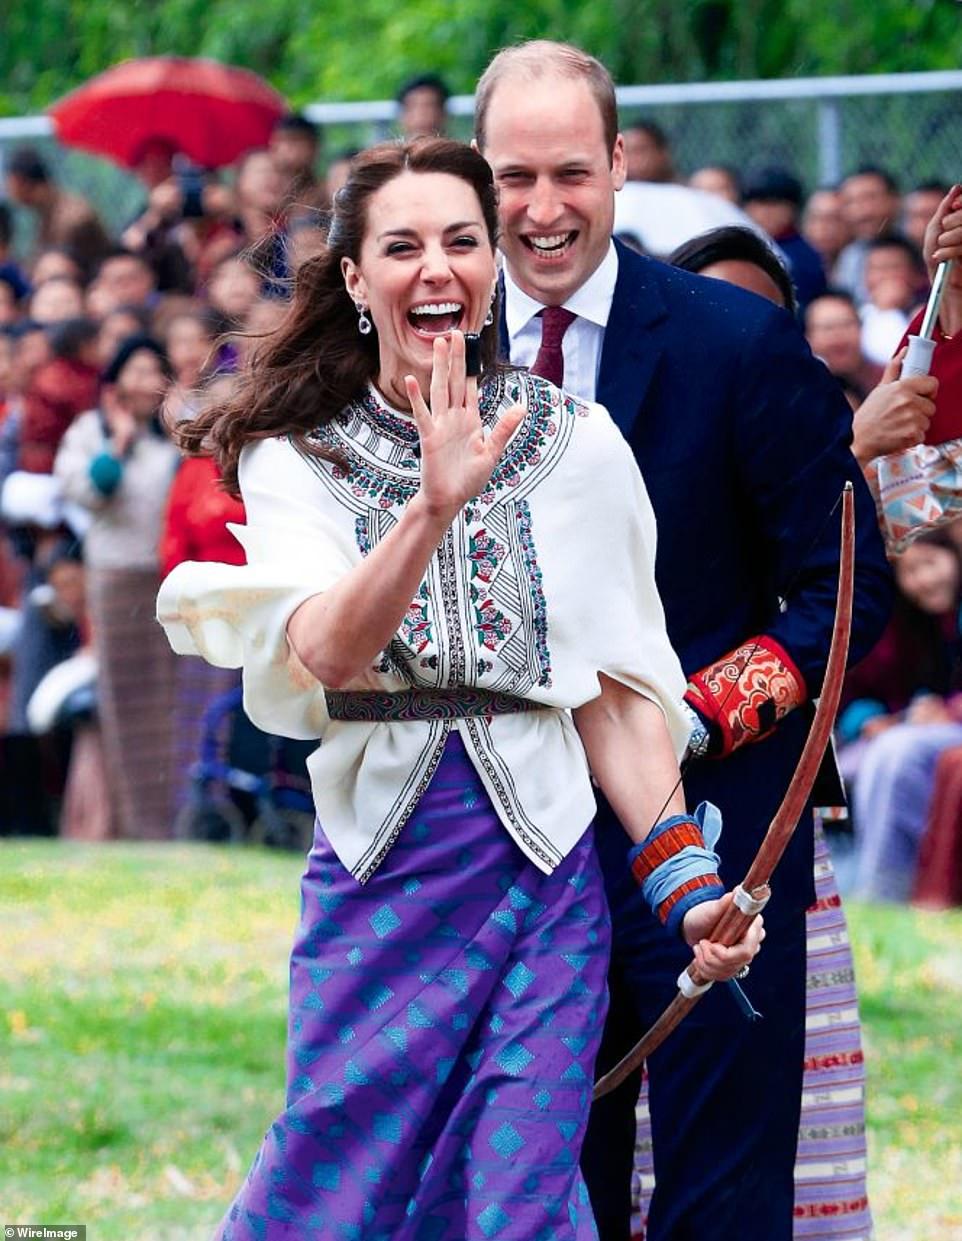 Cặp đôi cười vui vẻ trong sự kiện bắn cung ở Bhutan năm 2016.